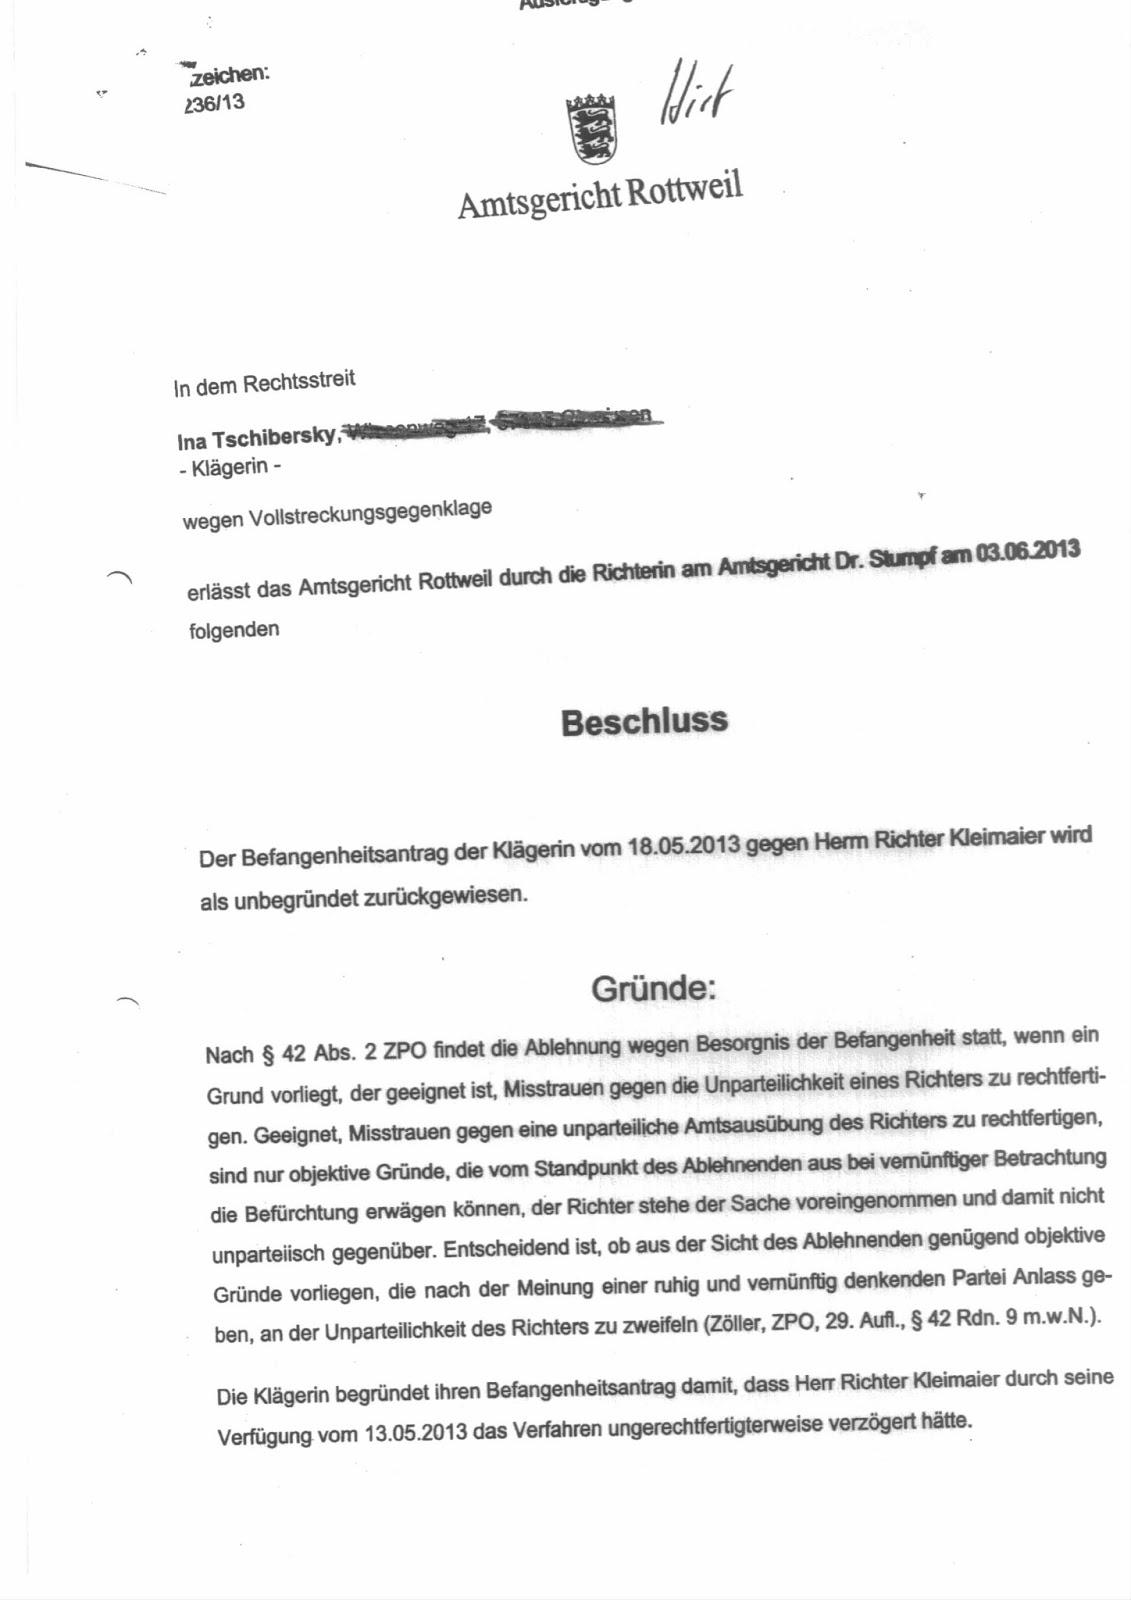 thüringer polizei zentrale bußgeldstelle artern bankverbindung